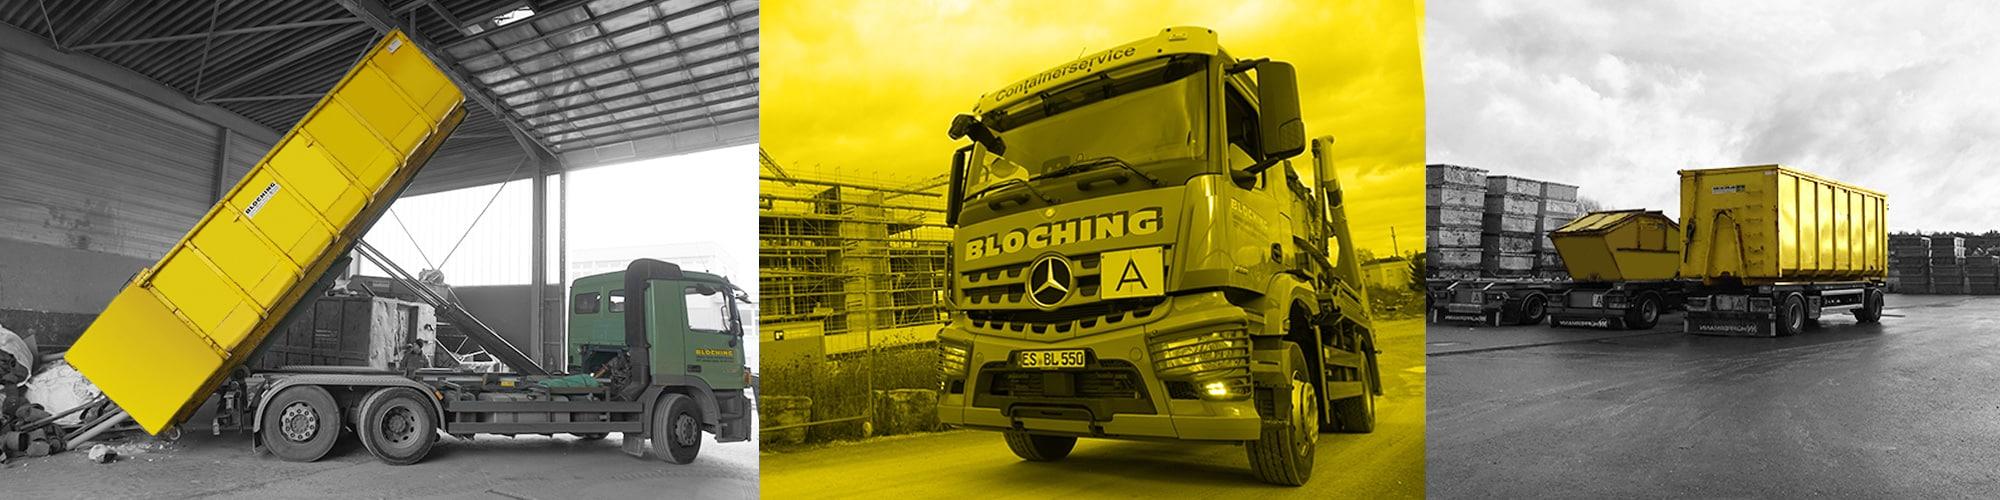 Containerdienst Bloching